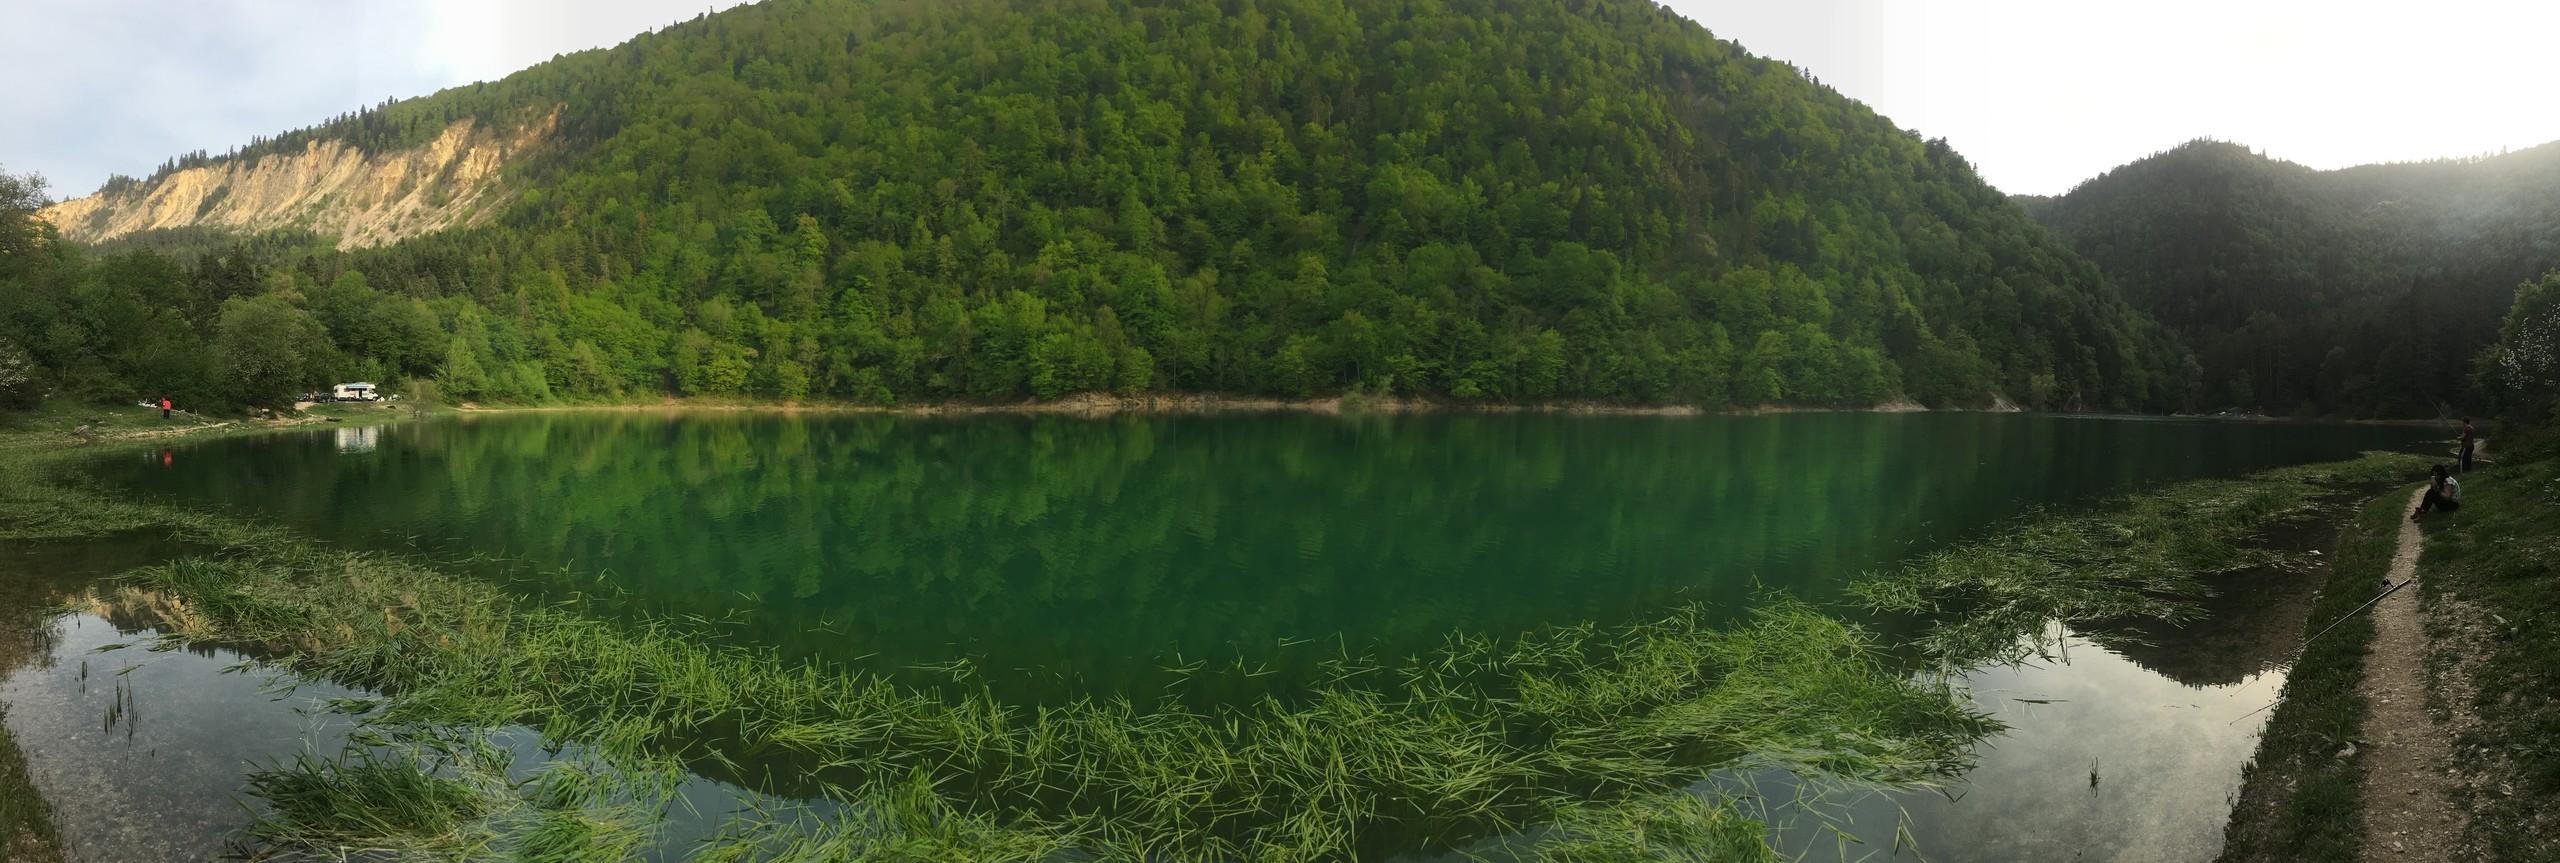 Sülüklü Göl